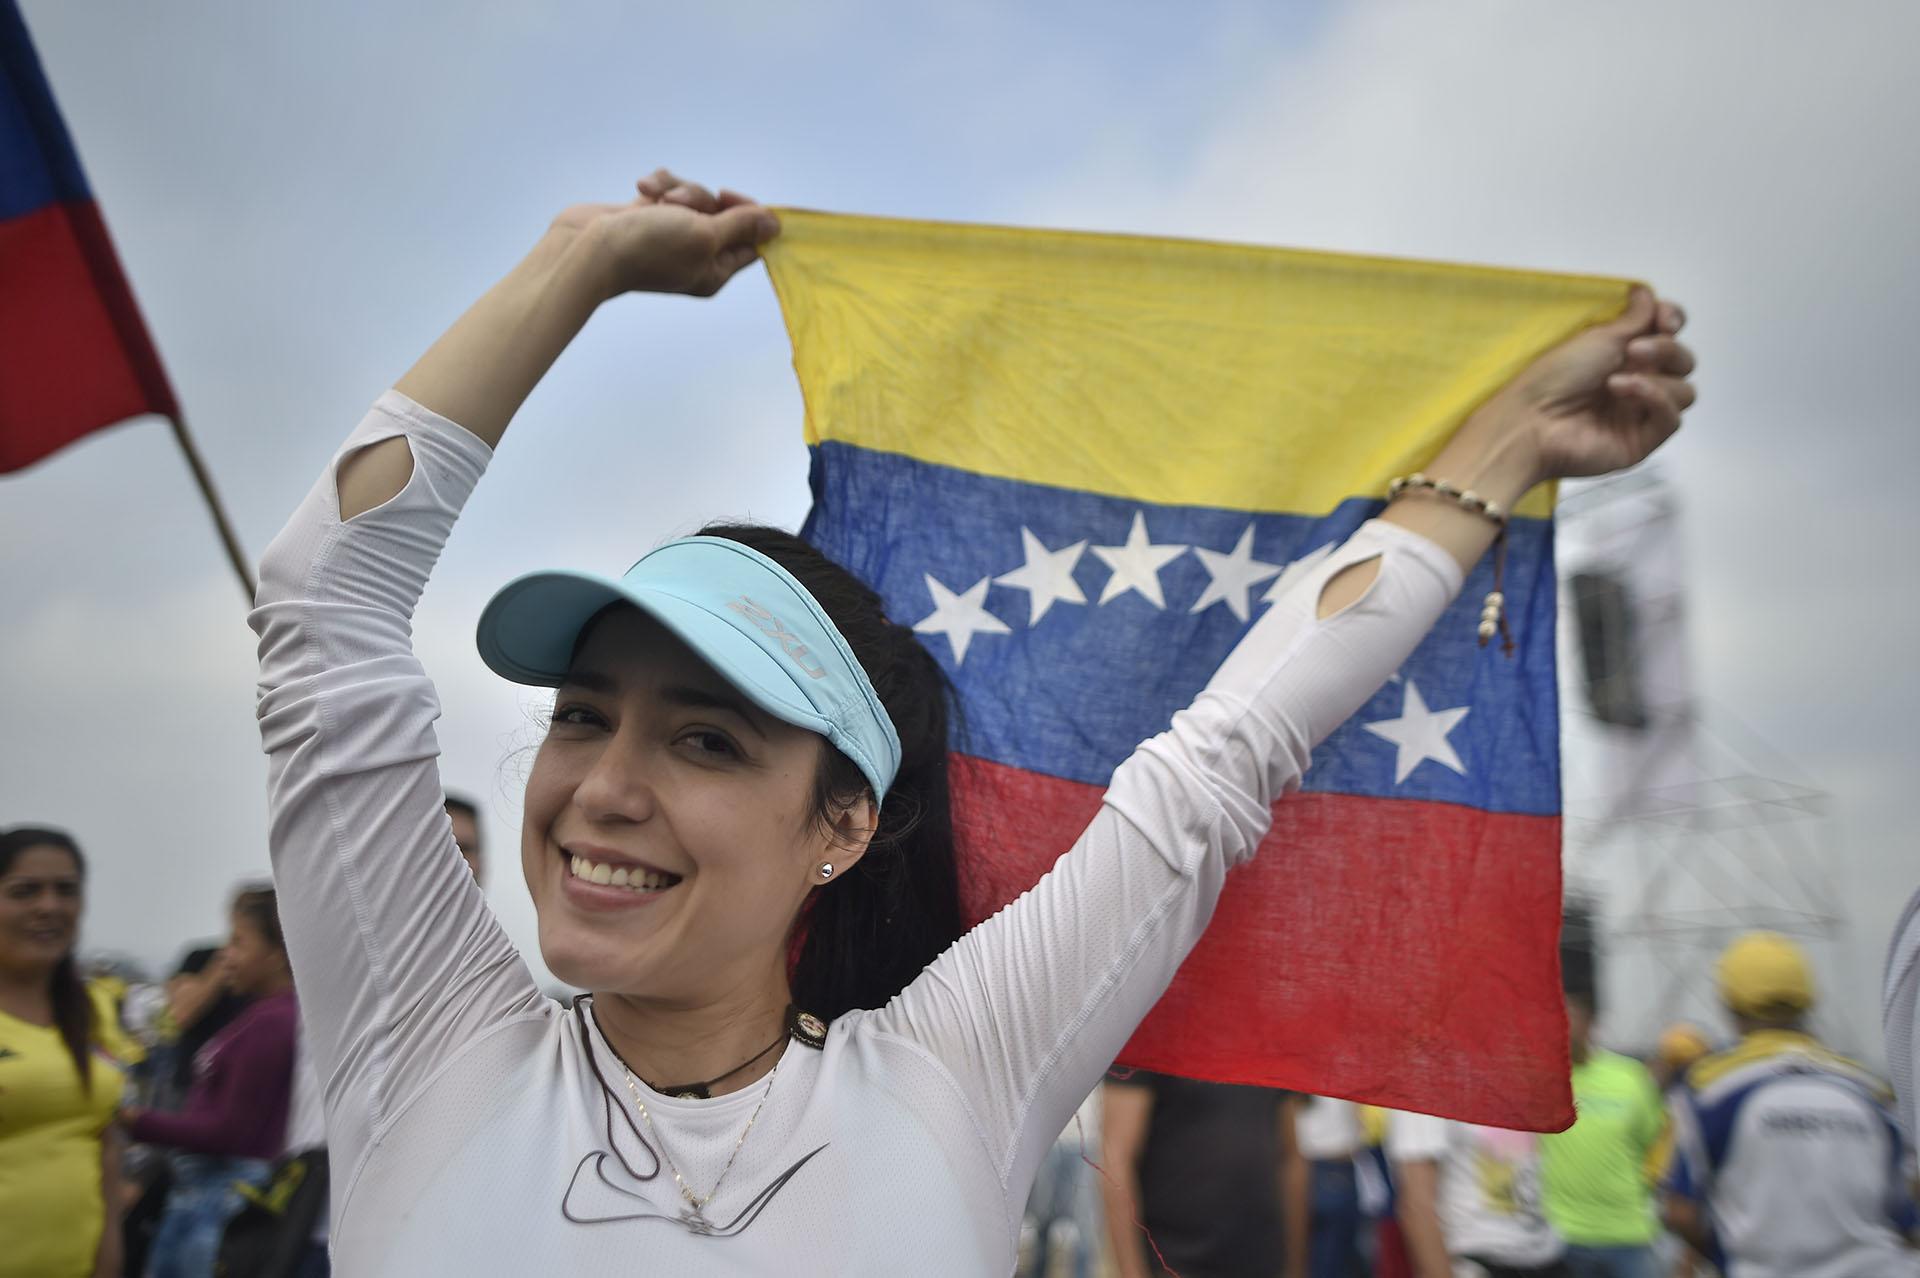 Una mujer alza una bandera de Venezuela. (AFP)